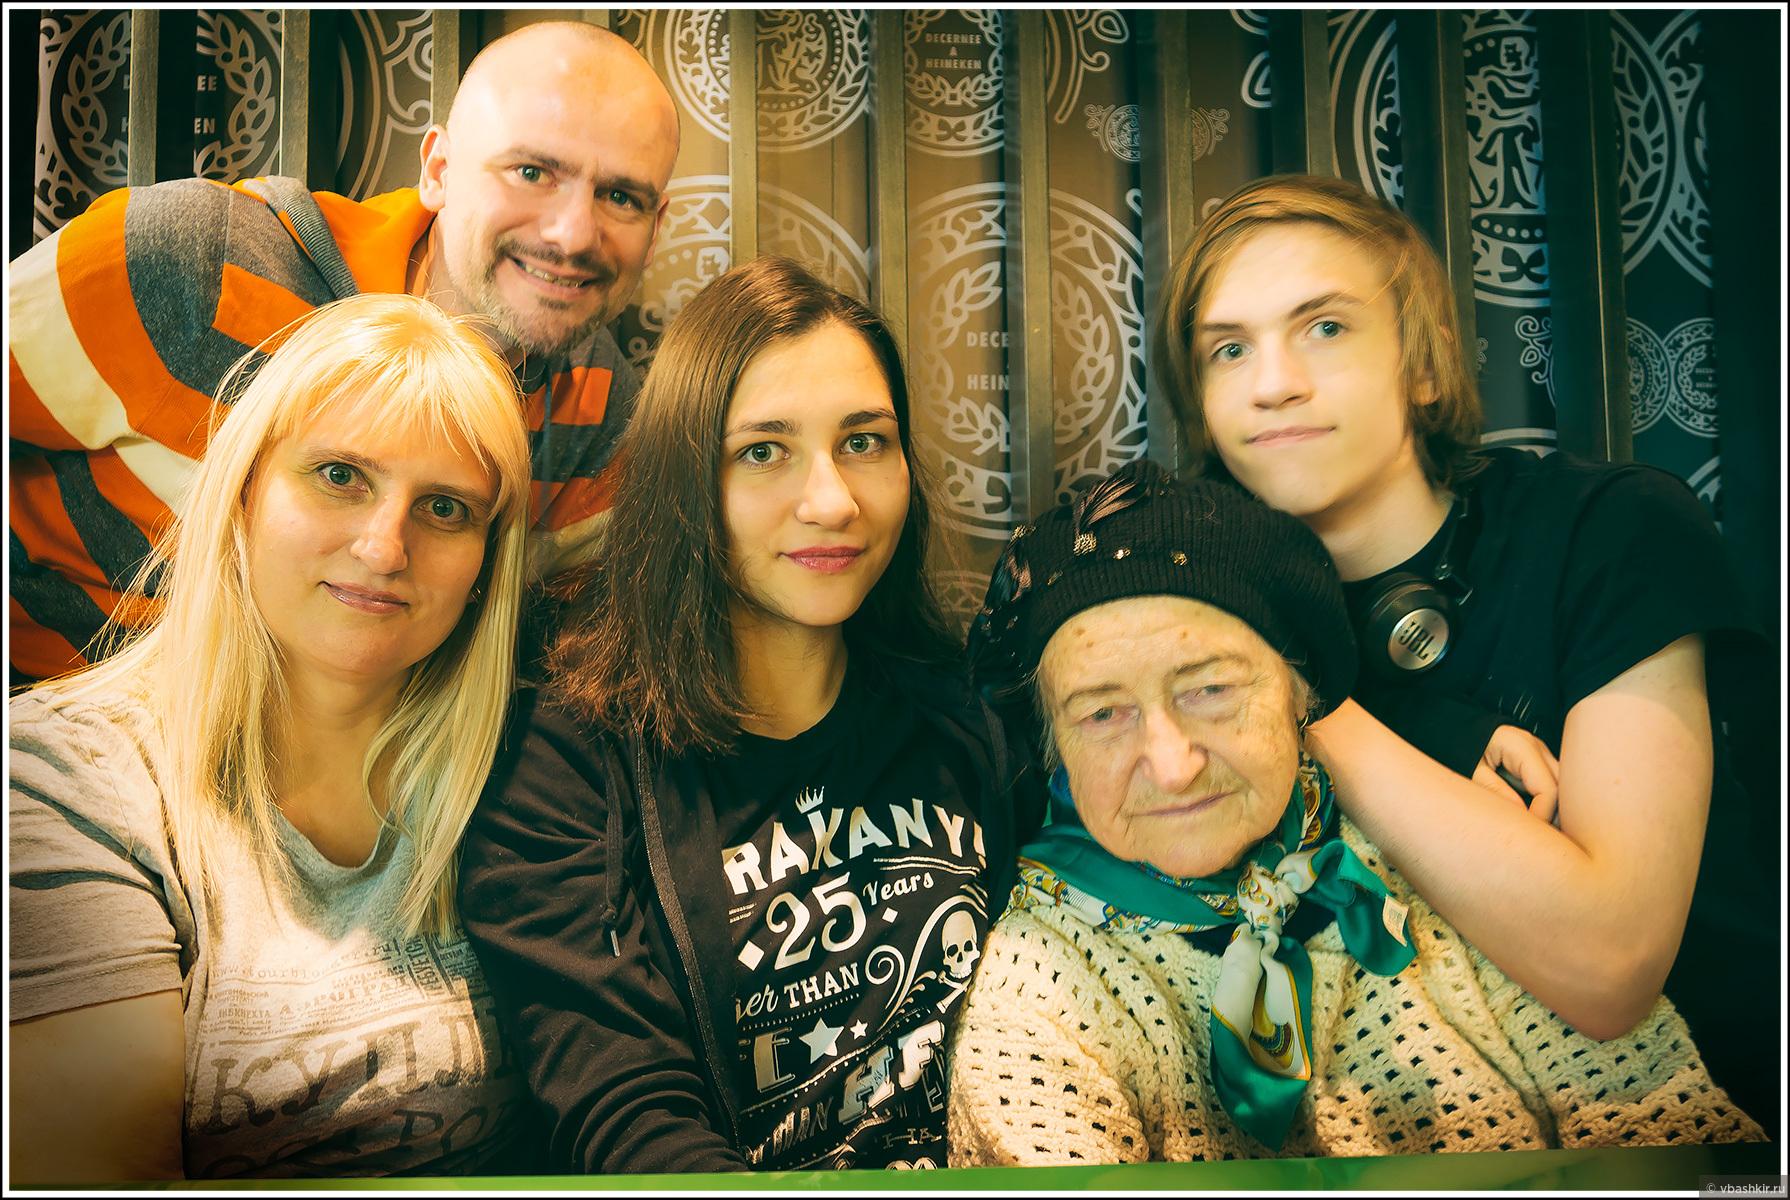 Семейное фото перед вылетом. Внуково. 6 утра., Моменты и эпизоды